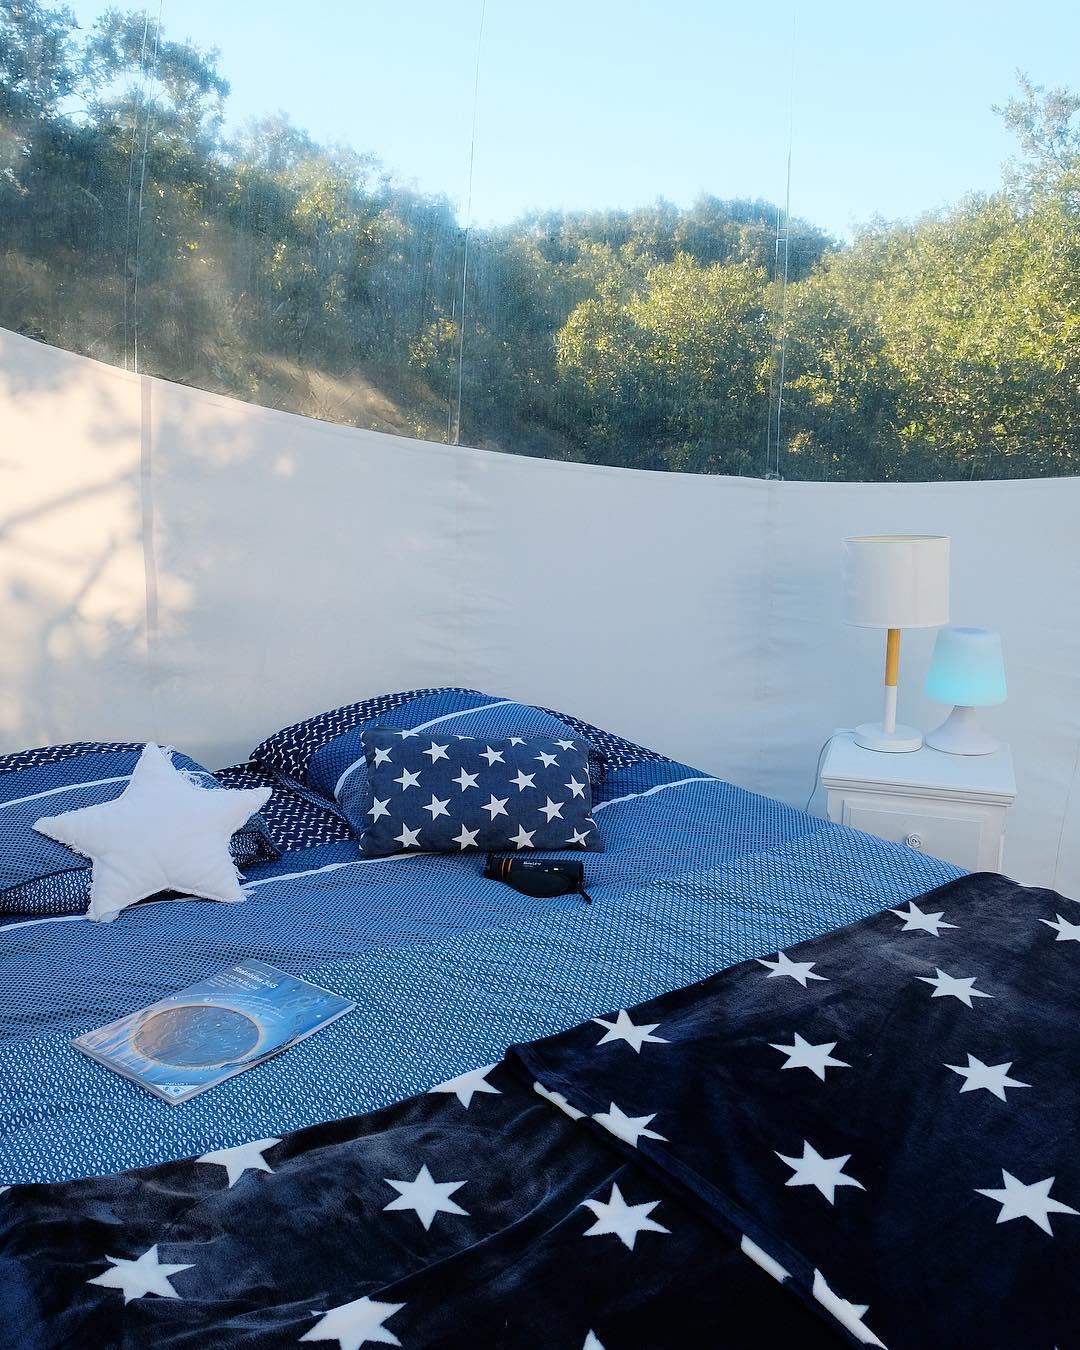 Dormir la tête dans les étoiles ⭐️ ... et j'ai même vu la Grande Ourse ??⛺️ . .  C'est possible à seulement 25 min de Montpellier, 5 min de Saint Guilhem le Désert, et loin de la pollution lumineuse pour une nuit à des millions d'Années Lumières....sur le site du plus grand Observatoire Astronomique Amateur de France ? . . ➕ASTRONARIUM • logement insolite en tente bulle ?Aniane (34) _____ #astronarium #aniane #nuitinsolite #hebergement #hotel #astronomie #astrospace #observatoire#occitanie #travel #blogtravel #travelinsolite #voyage #blogvoyage #tentebulle #bulle #montpellier #pintademontpellier